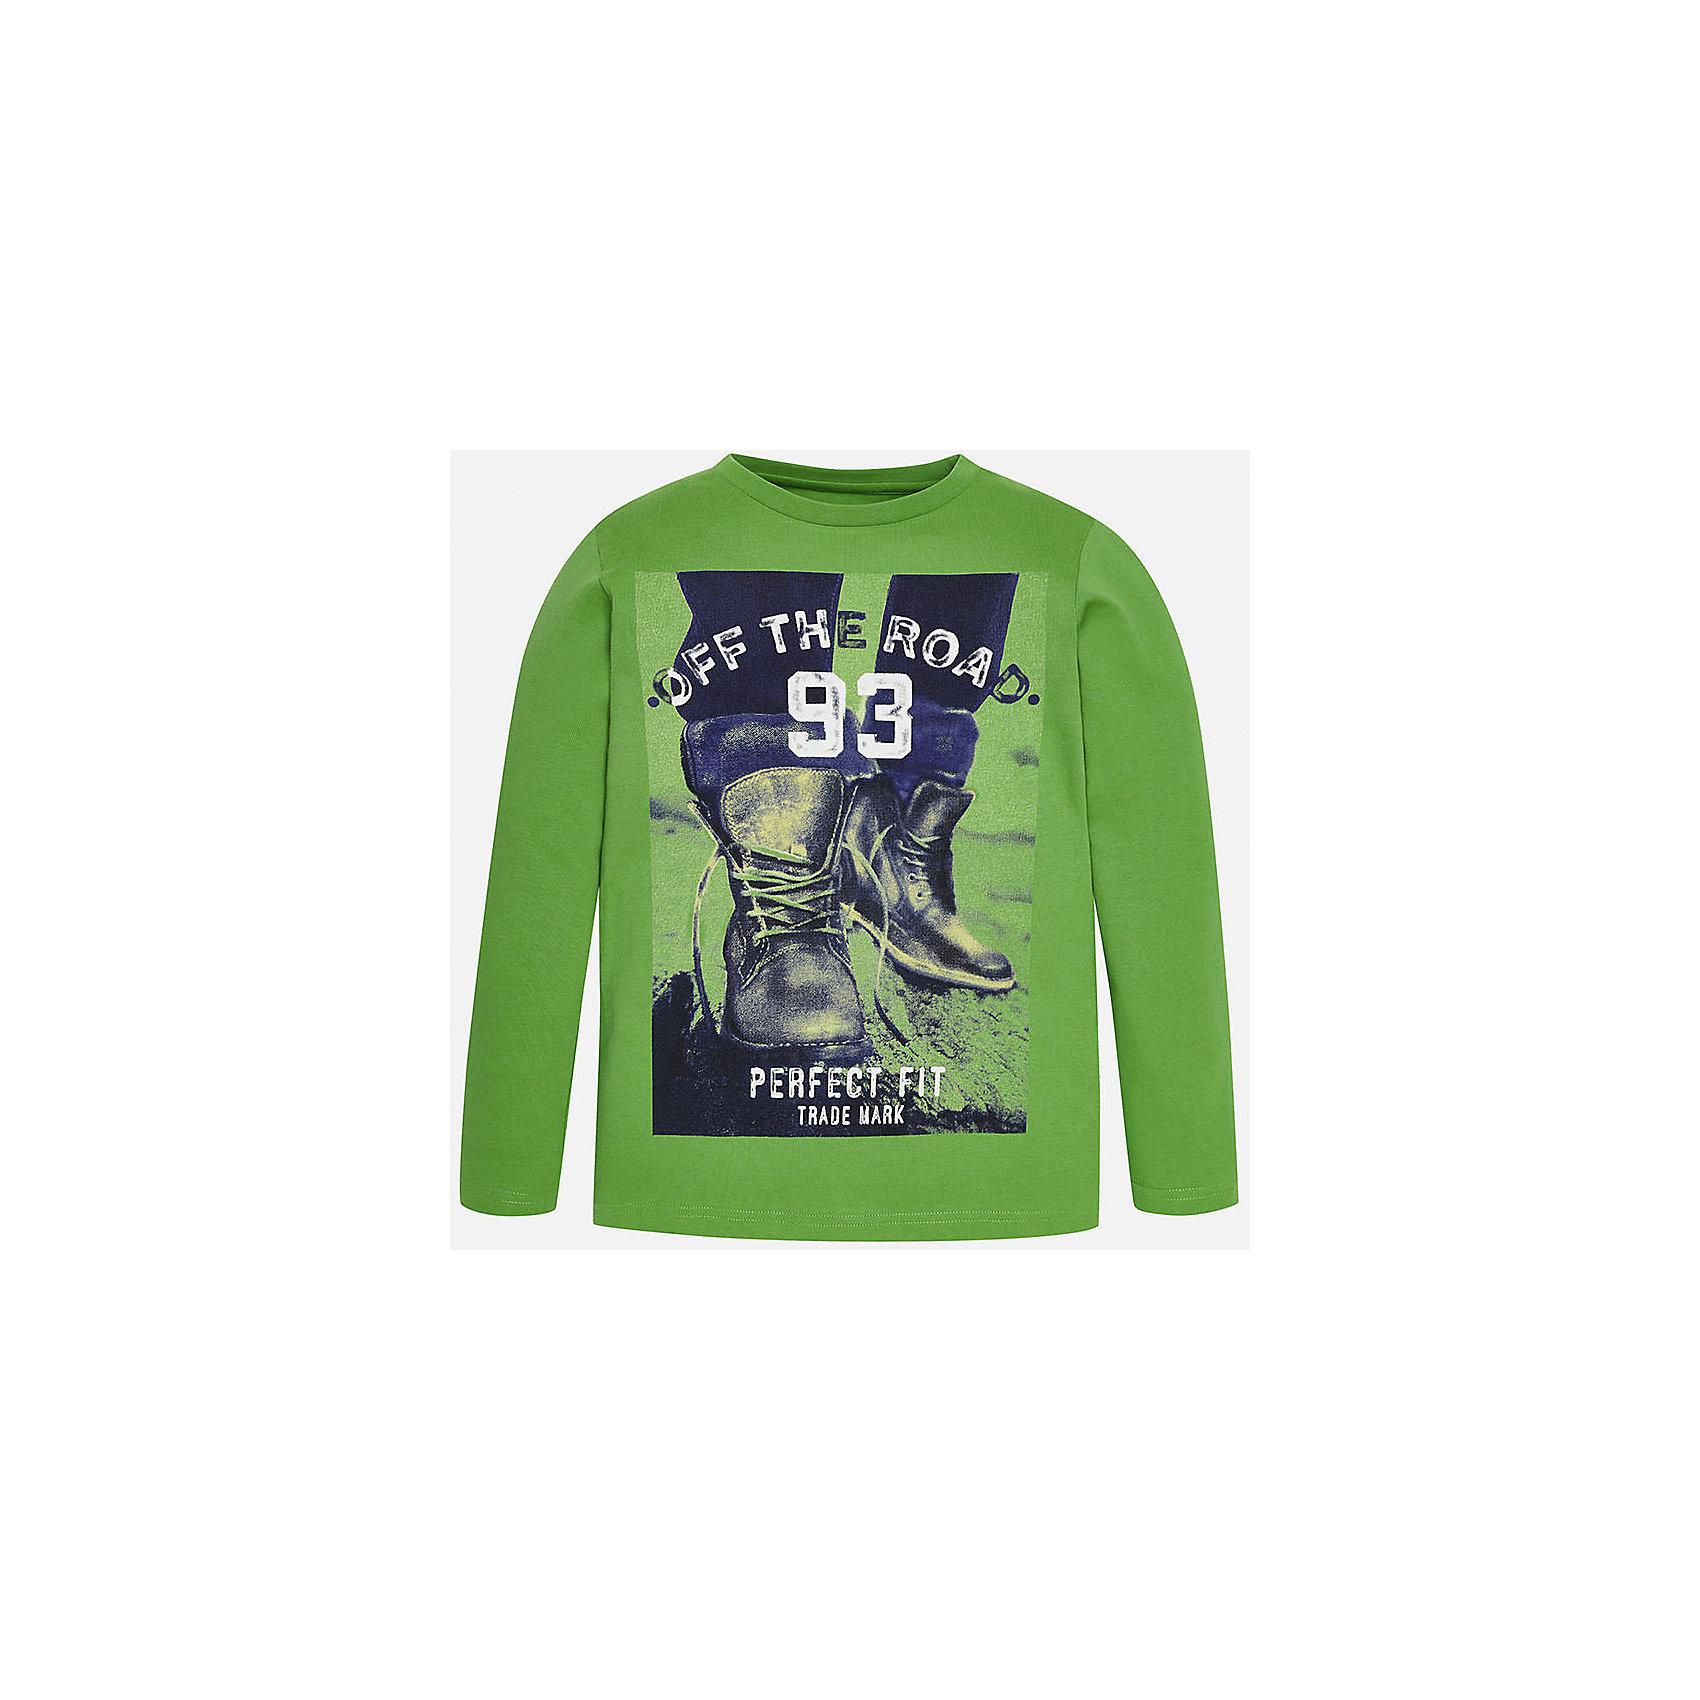 Футболка с длинным рукавом  для мальчика MayoralХлопковая футболка с длинными рукавами - это  базовая вещь в любом гардеробе. Благодаря длинным рукавам и легкому составу ткани, ее можно носить в любое время года, а яркий орнамент, подчеркнет индивидуальный стиль Вашего ребенка!<br><br>Дополнительная информация:<br><br>- Крой: приталенный крой.<br>- Страна бренда: Испания.<br>- Состав: хлопок 100%.<br>- Цвет: зеленый.<br>- Уход: бережная стирка при 30 градусах.<br><br>Купить футболку с длинным рукавом для мальчика, от  Mayoral, можно в нашем магазине.<br><br>Ширина мм: 230<br>Глубина мм: 40<br>Высота мм: 220<br>Вес г: 250<br>Цвет: зеленый<br>Возраст от месяцев: 168<br>Возраст до месяцев: 180<br>Пол: Мужской<br>Возраст: Детский<br>Размер: 158/164,164/170,128/134,140/146,146/152,158/164<br>SKU: 4826757